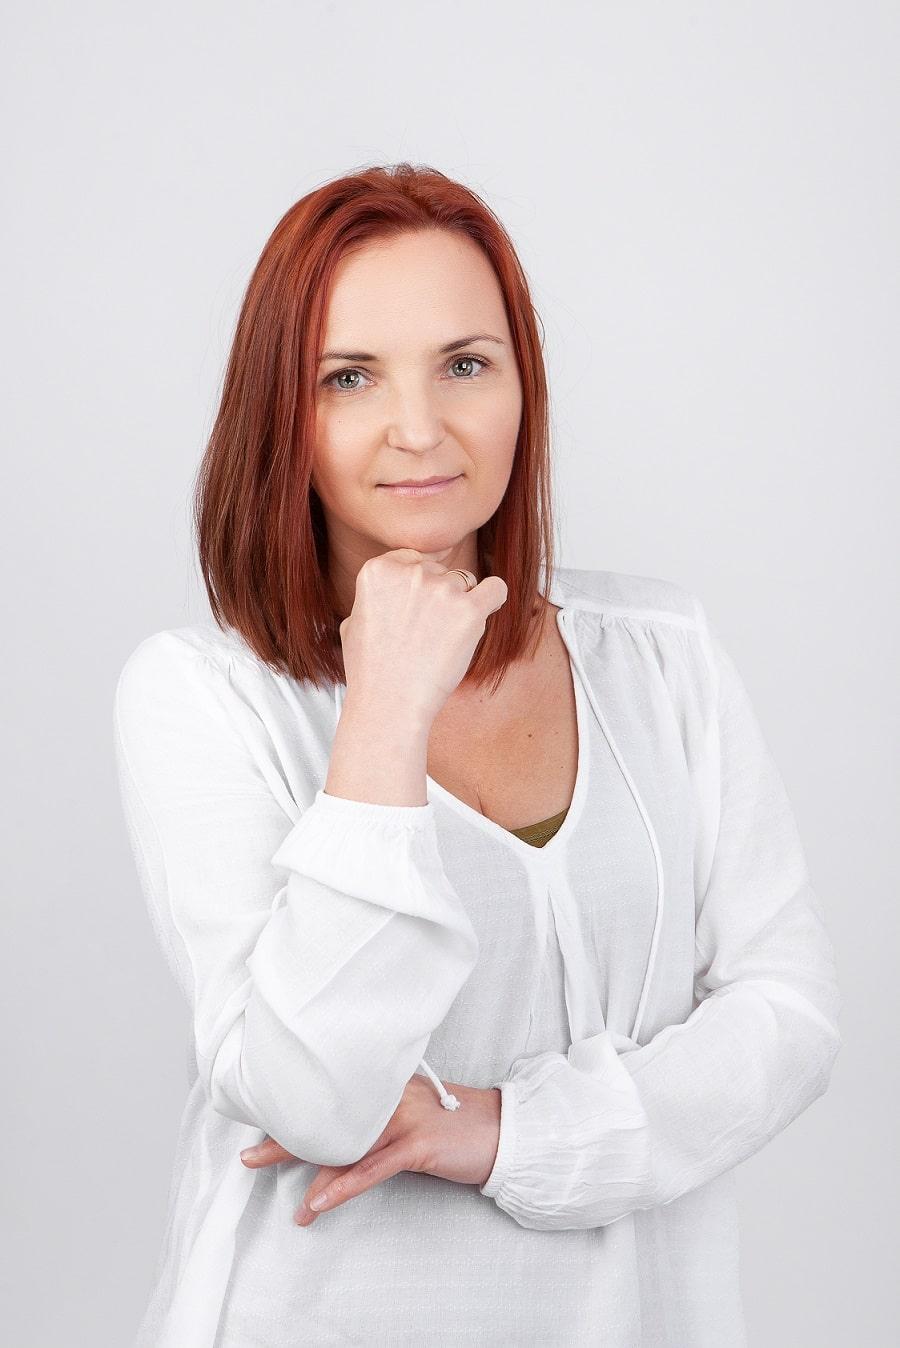 Dorota Wojtczak